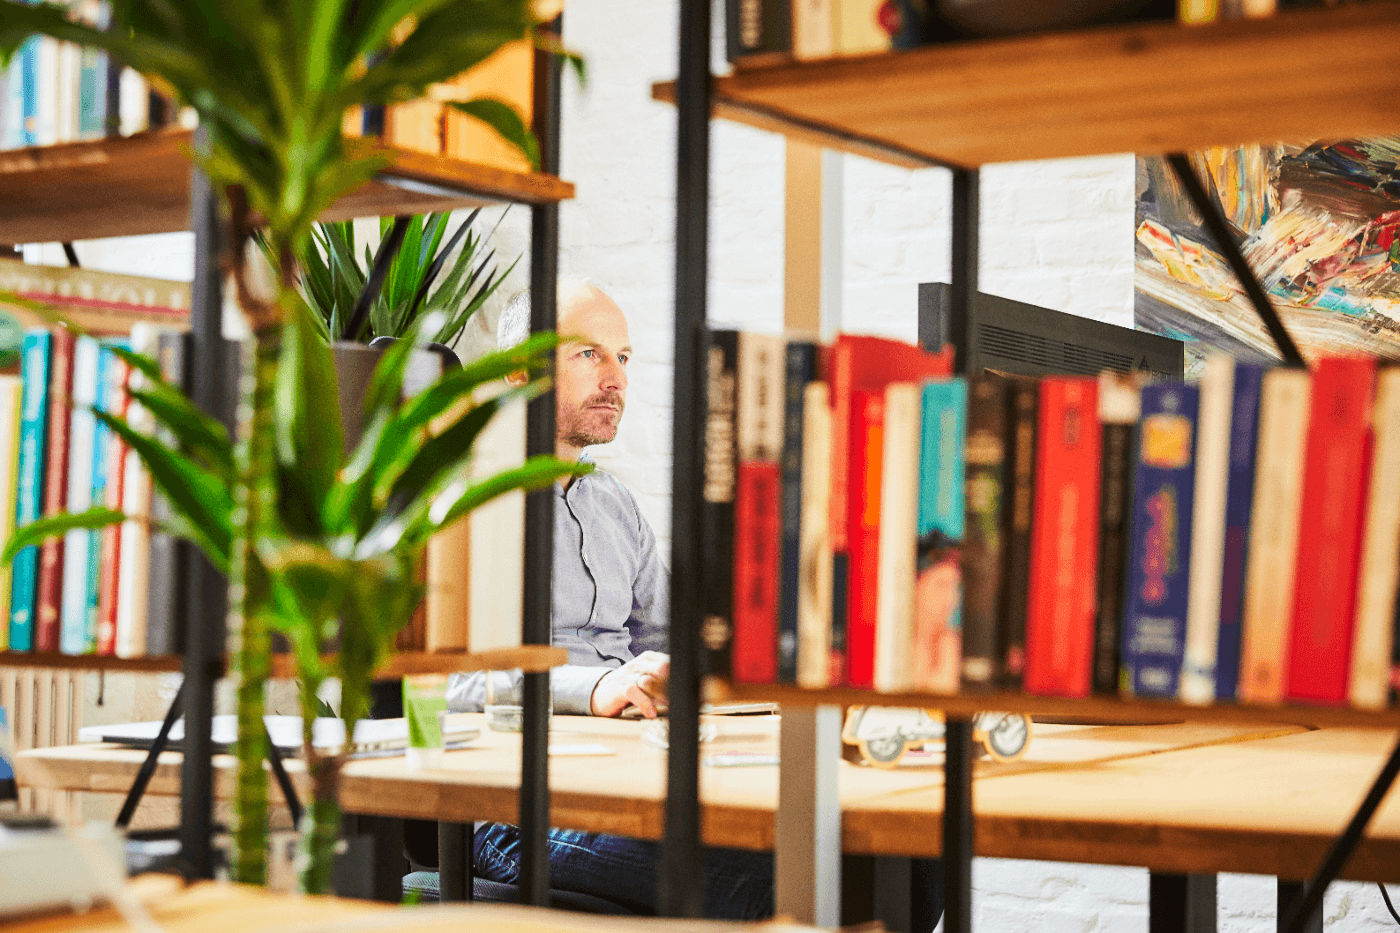 Quiply Büro Mann hinter Bücherregal PC Arbeit